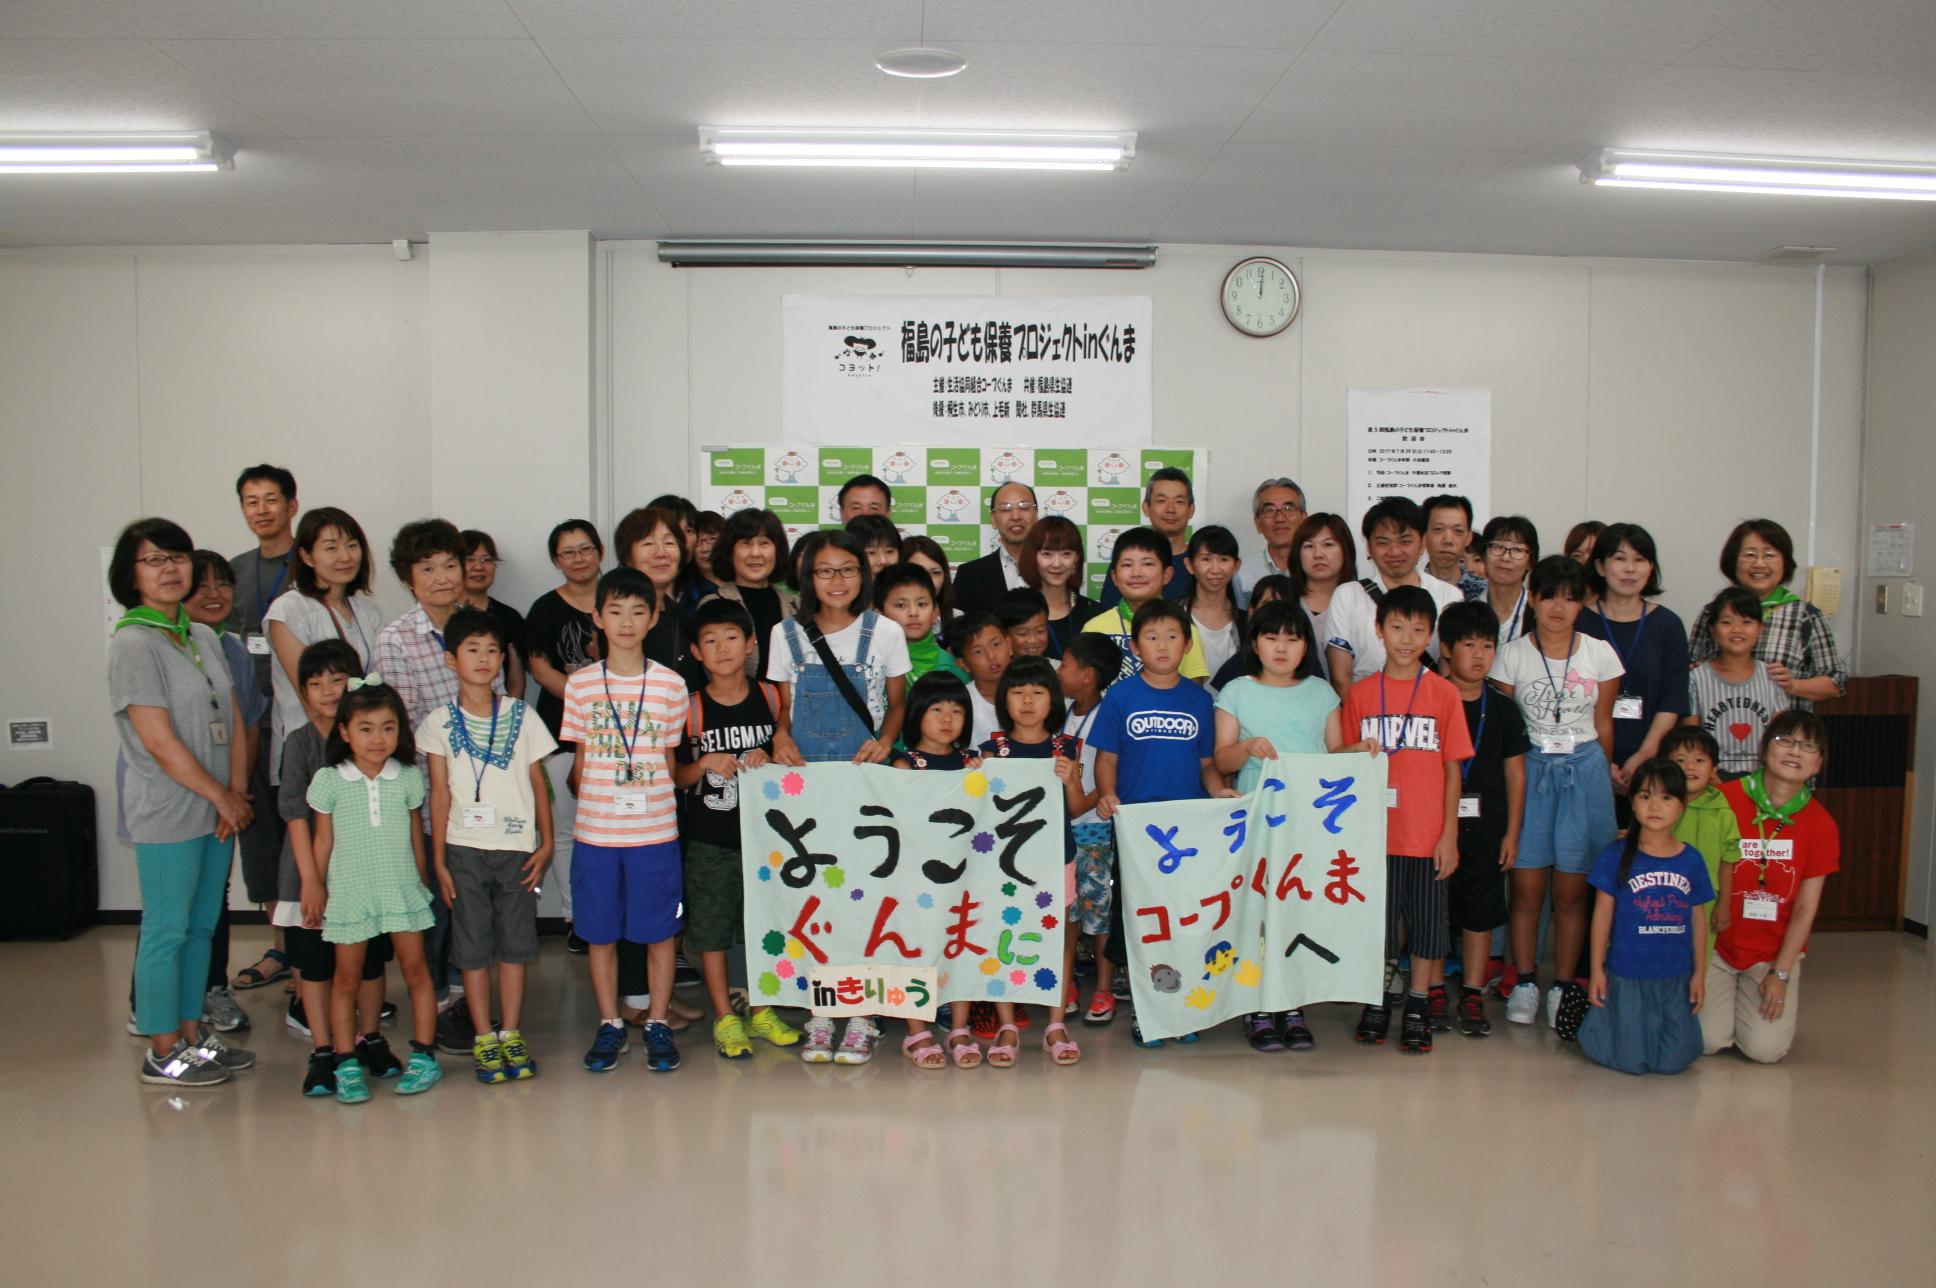 7月29日(土)桐生本部での歓迎会